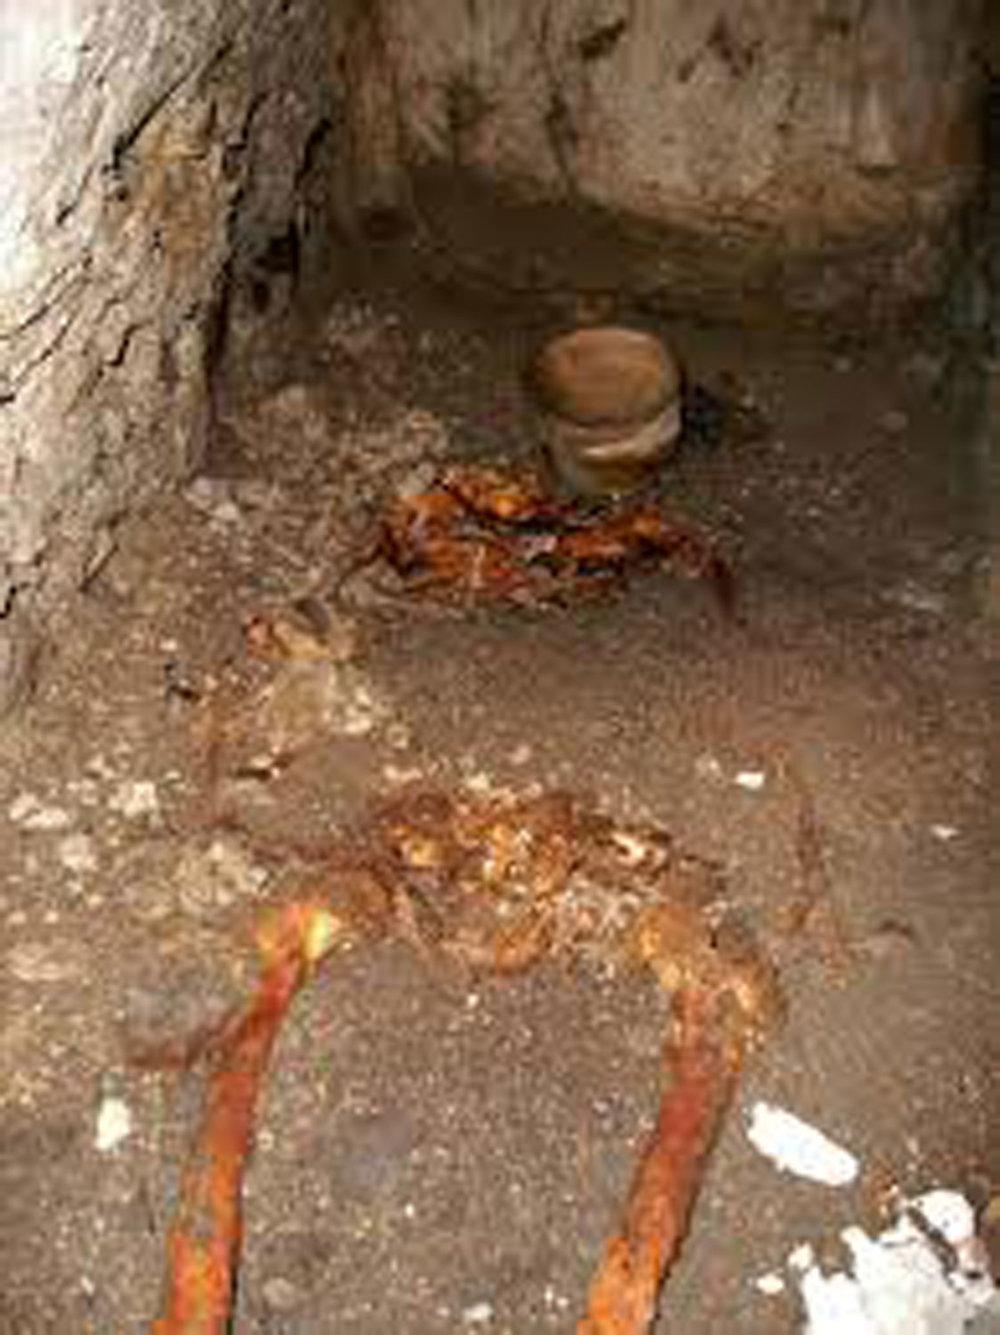 Hammocks_and_Ruins_Blog_Riviera_Maya_Mexico_Travel_Discover_Explore_What_to_do_Ruins_Bonompak_35.jpg